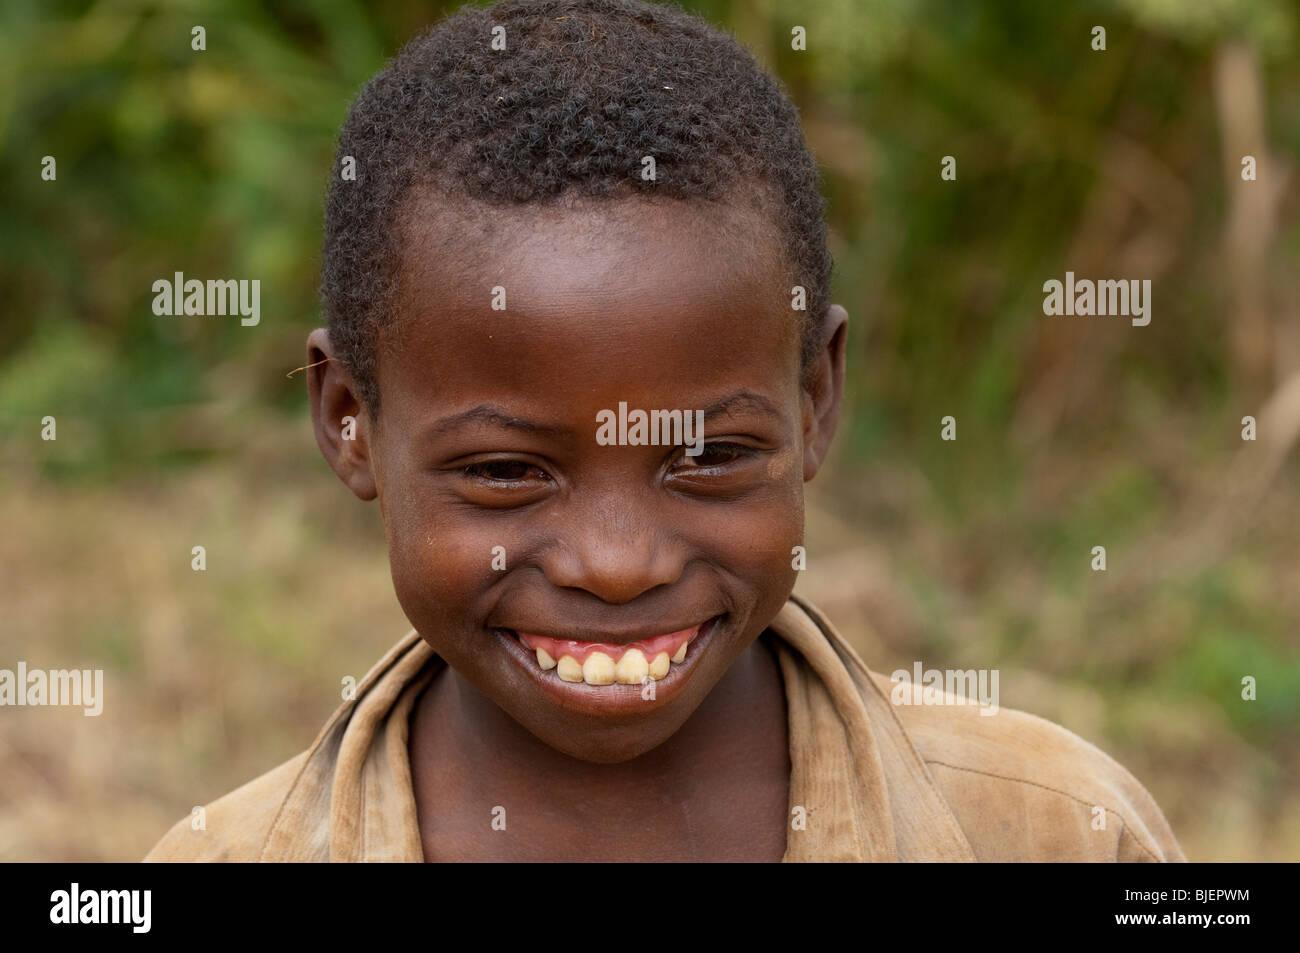 Smiling Rwandan child. Rwanda - Stock Image